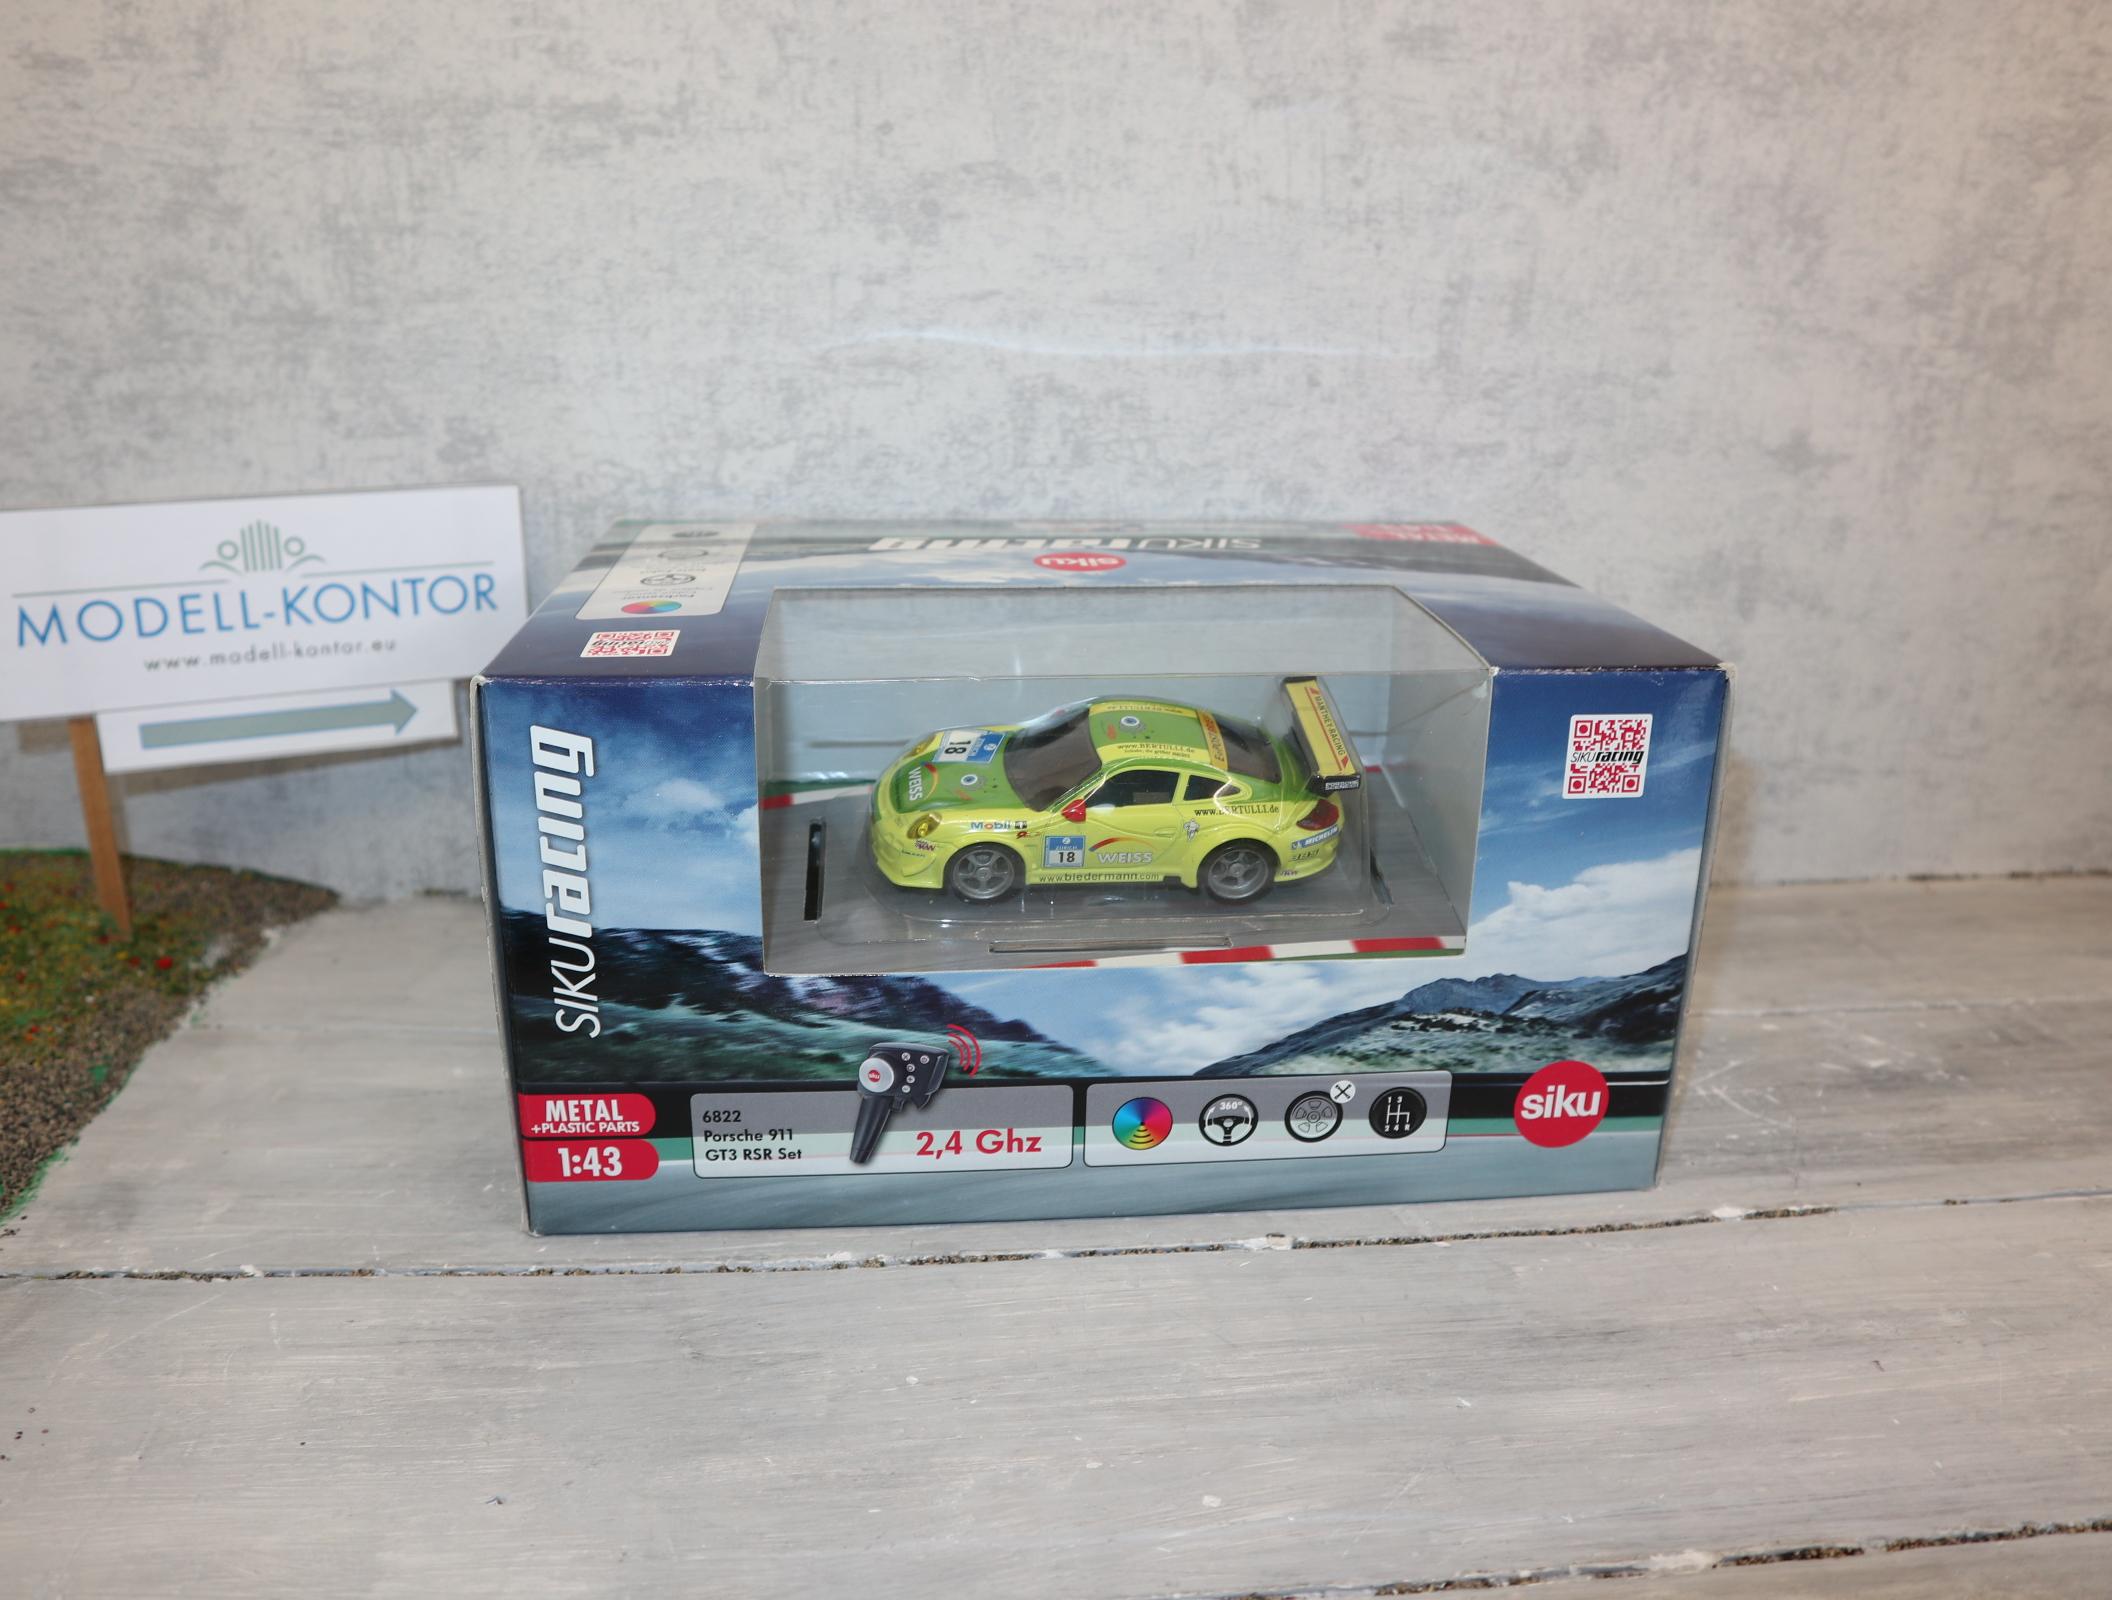 Siku 6822 1:43 Siku-Racing Porsche 911 gelb-grün WEISS komplett in OVP